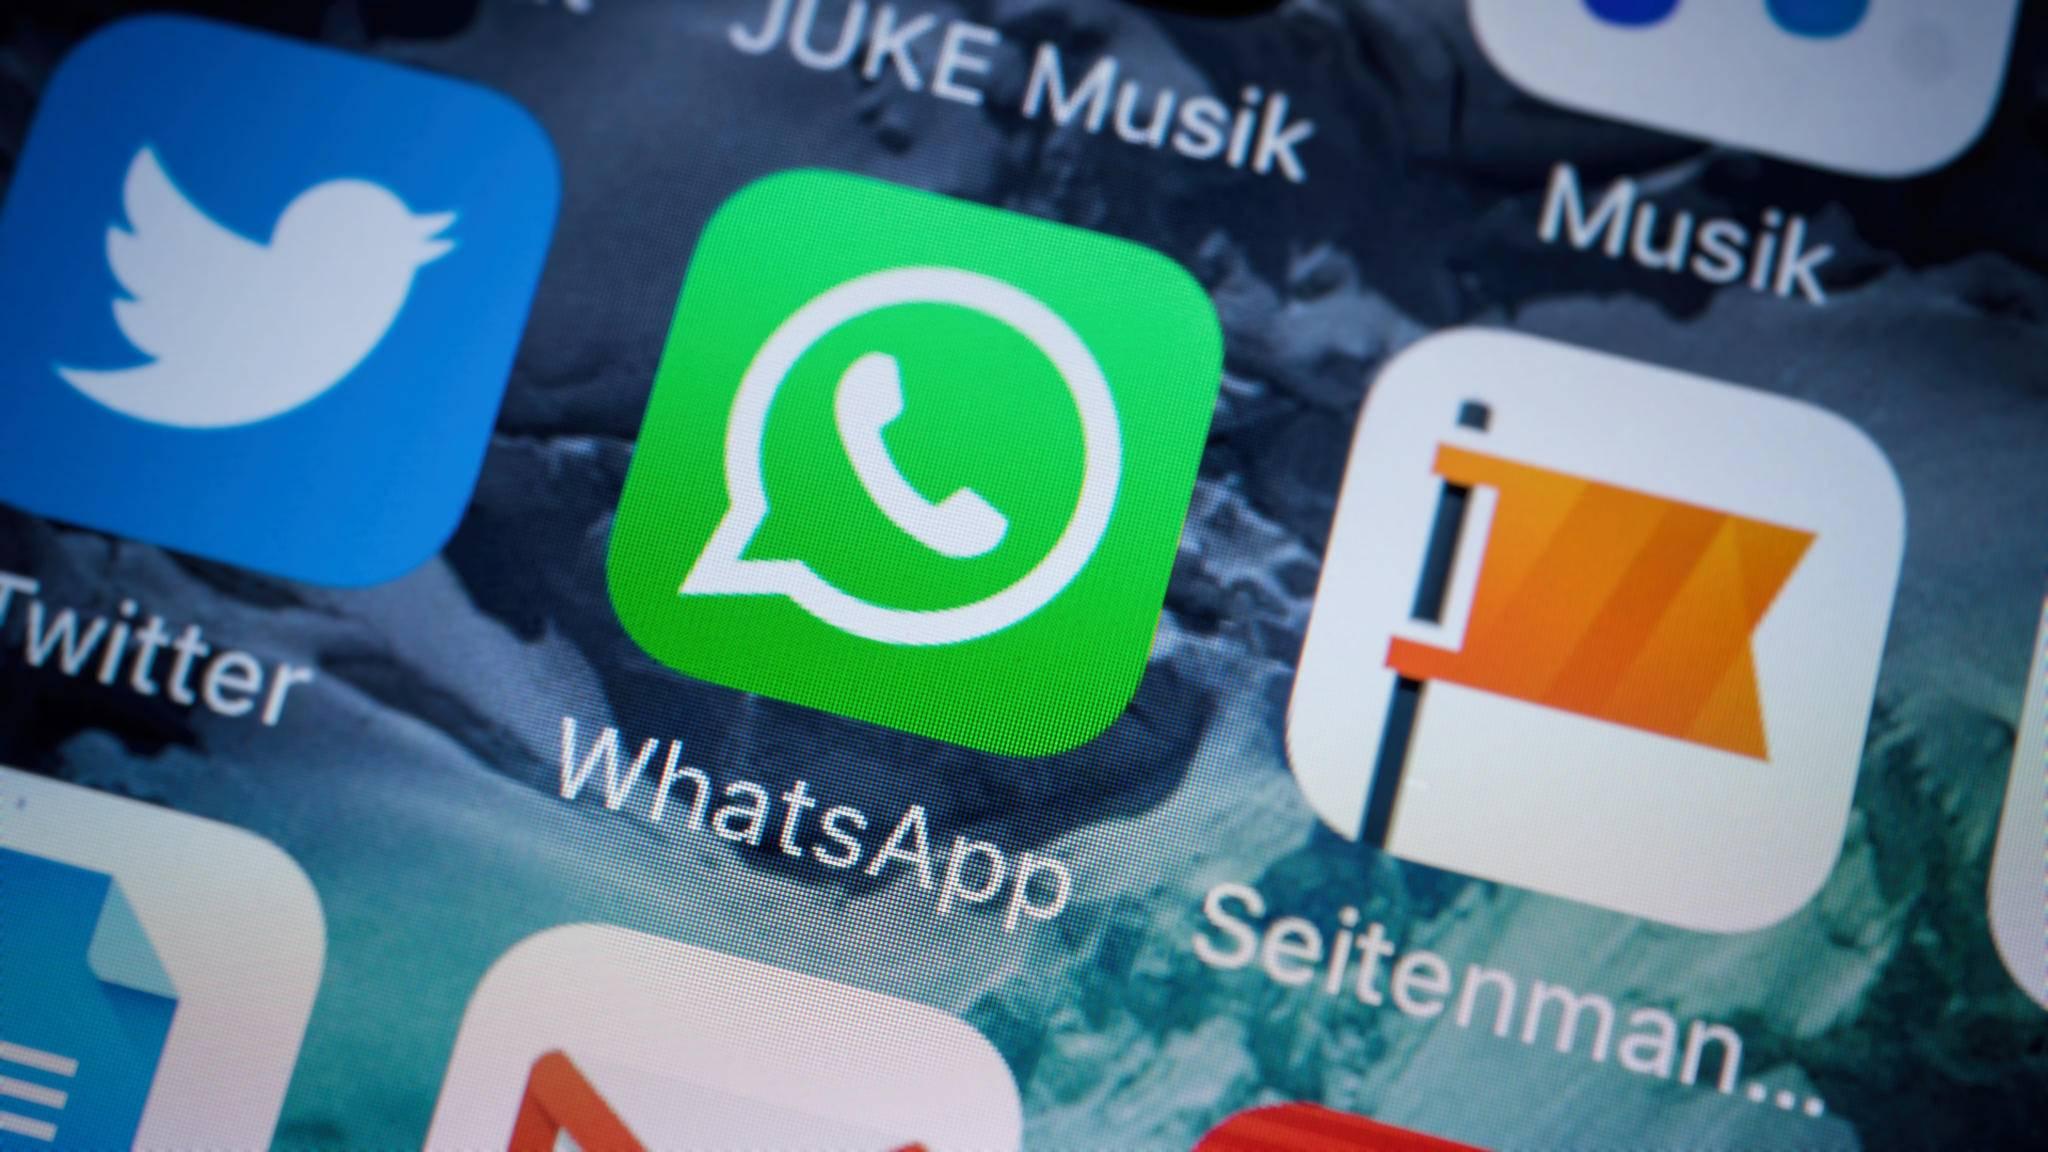 WhatsApp für iOS hat nach einem Update neue Funktionen erhalten.